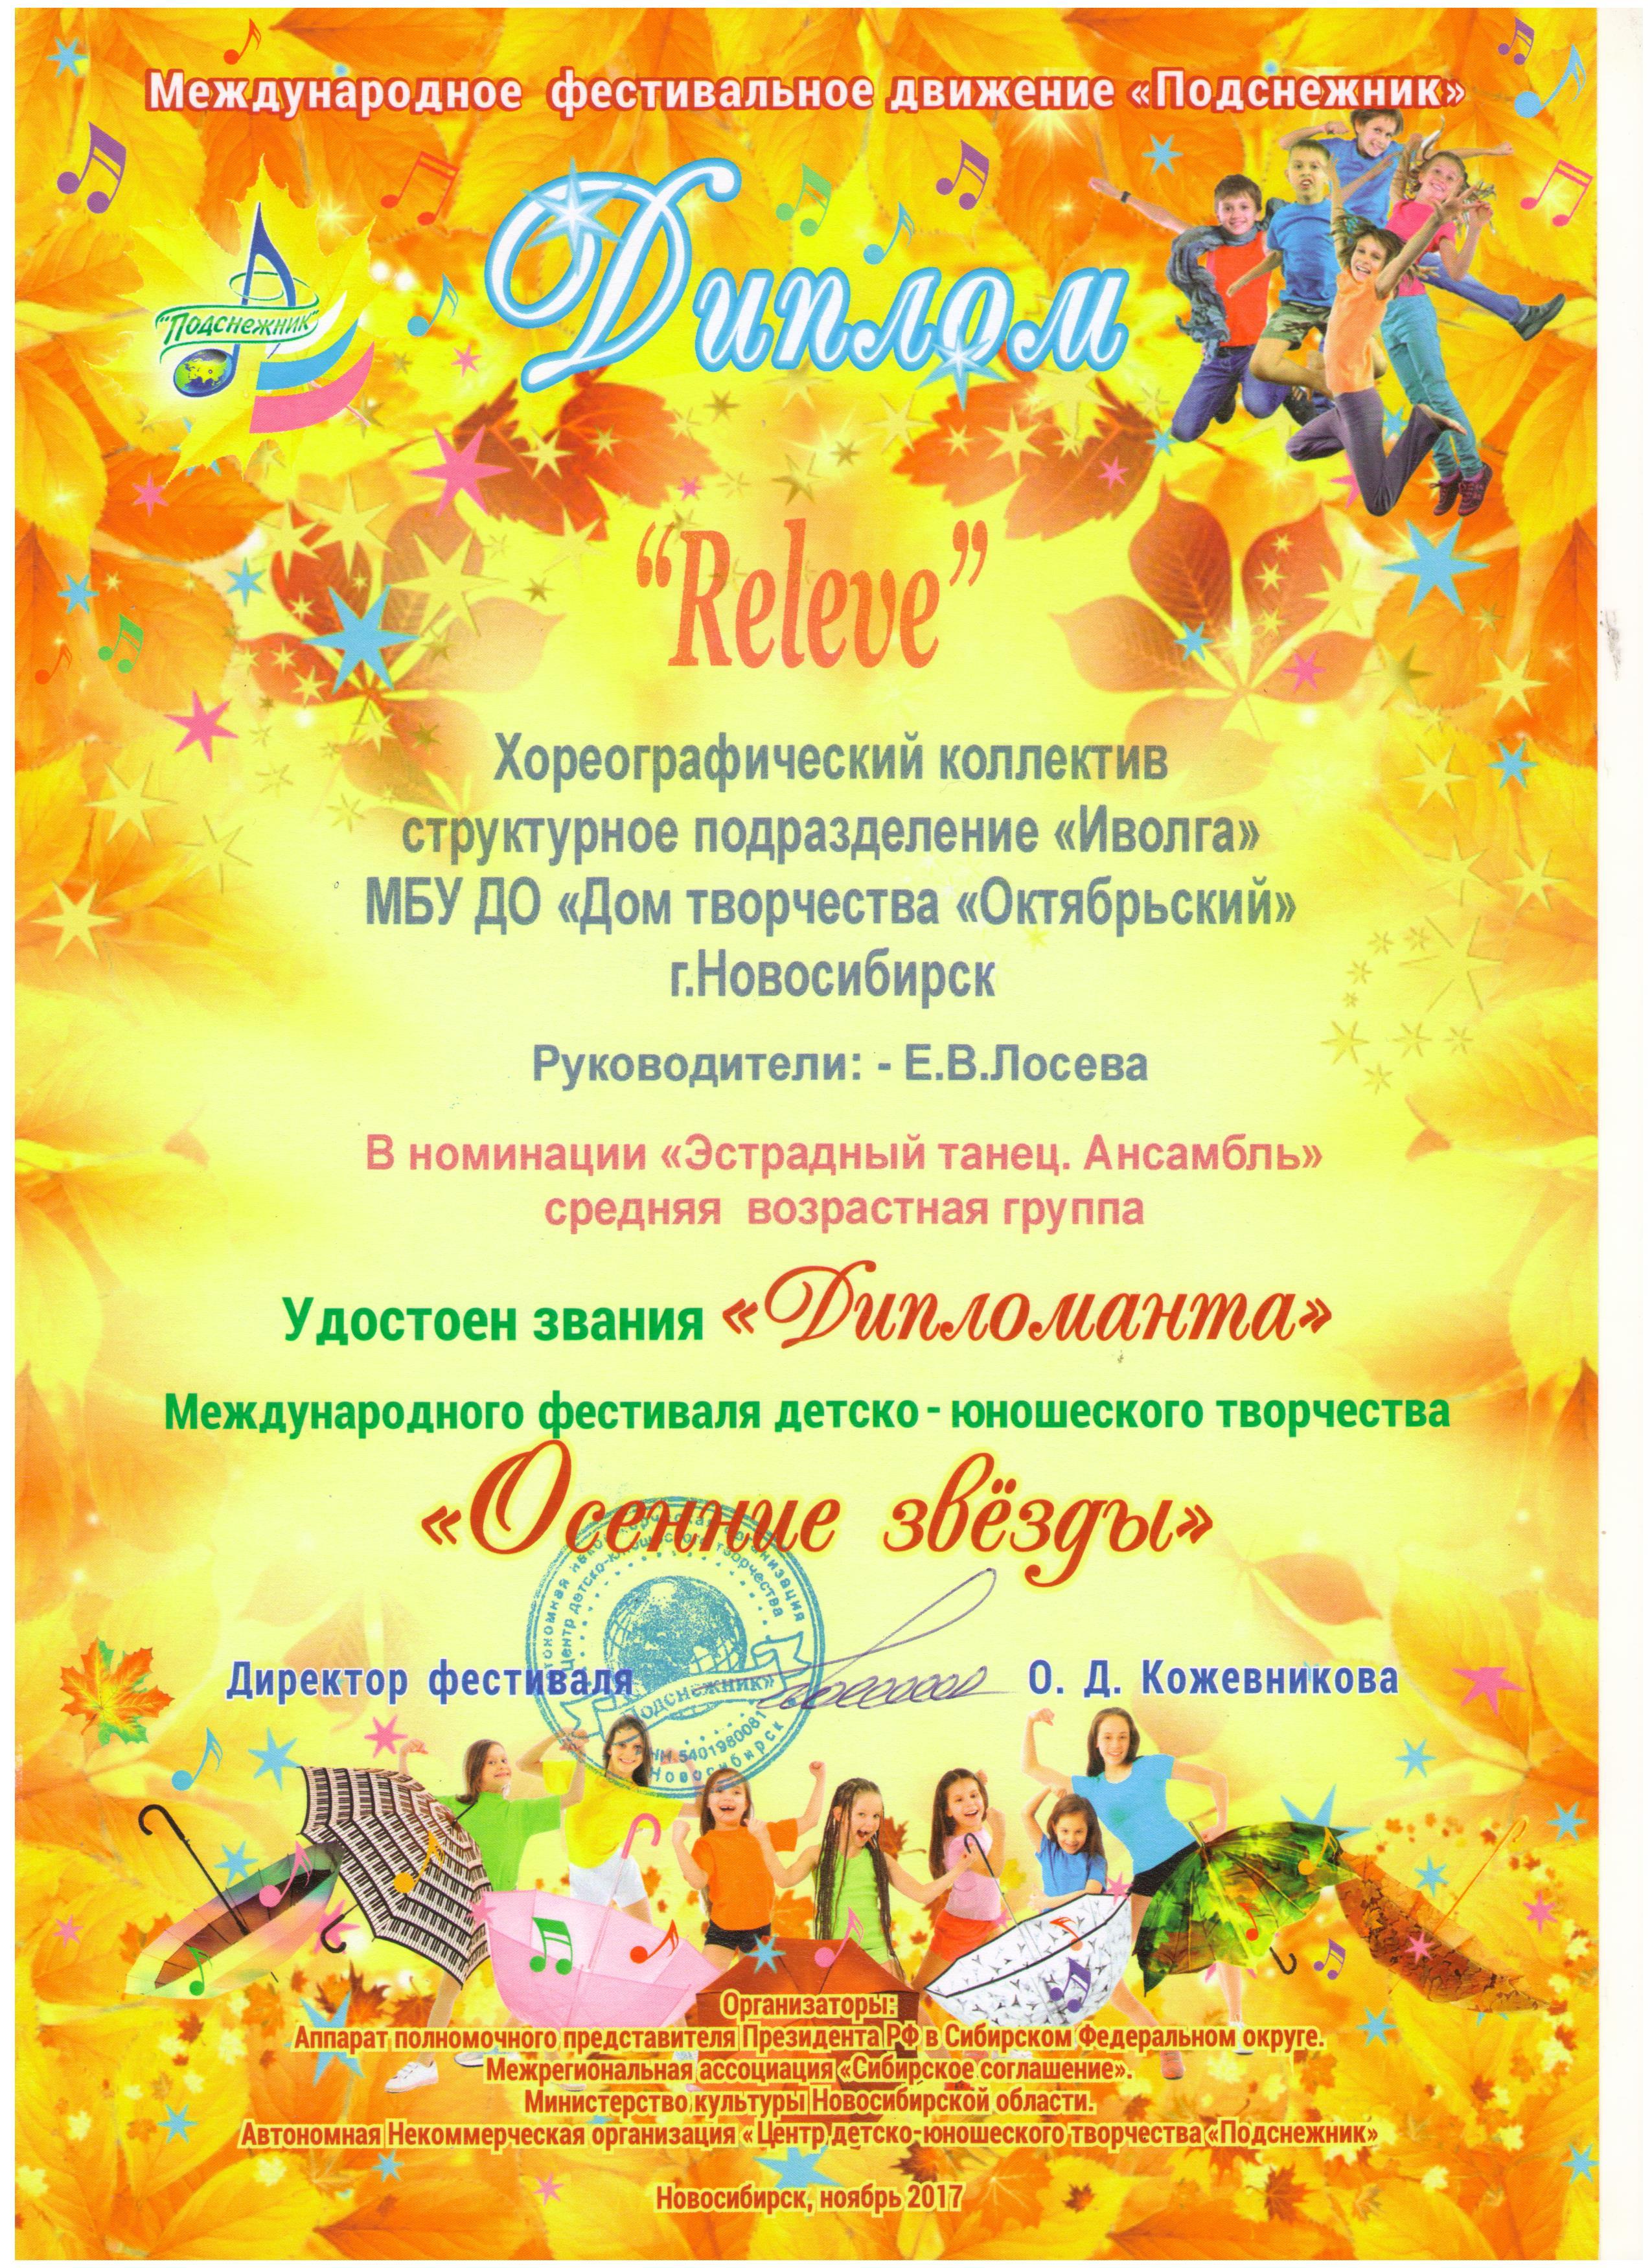 Diplomant_osennie-zvezdyi_28.10.17-001